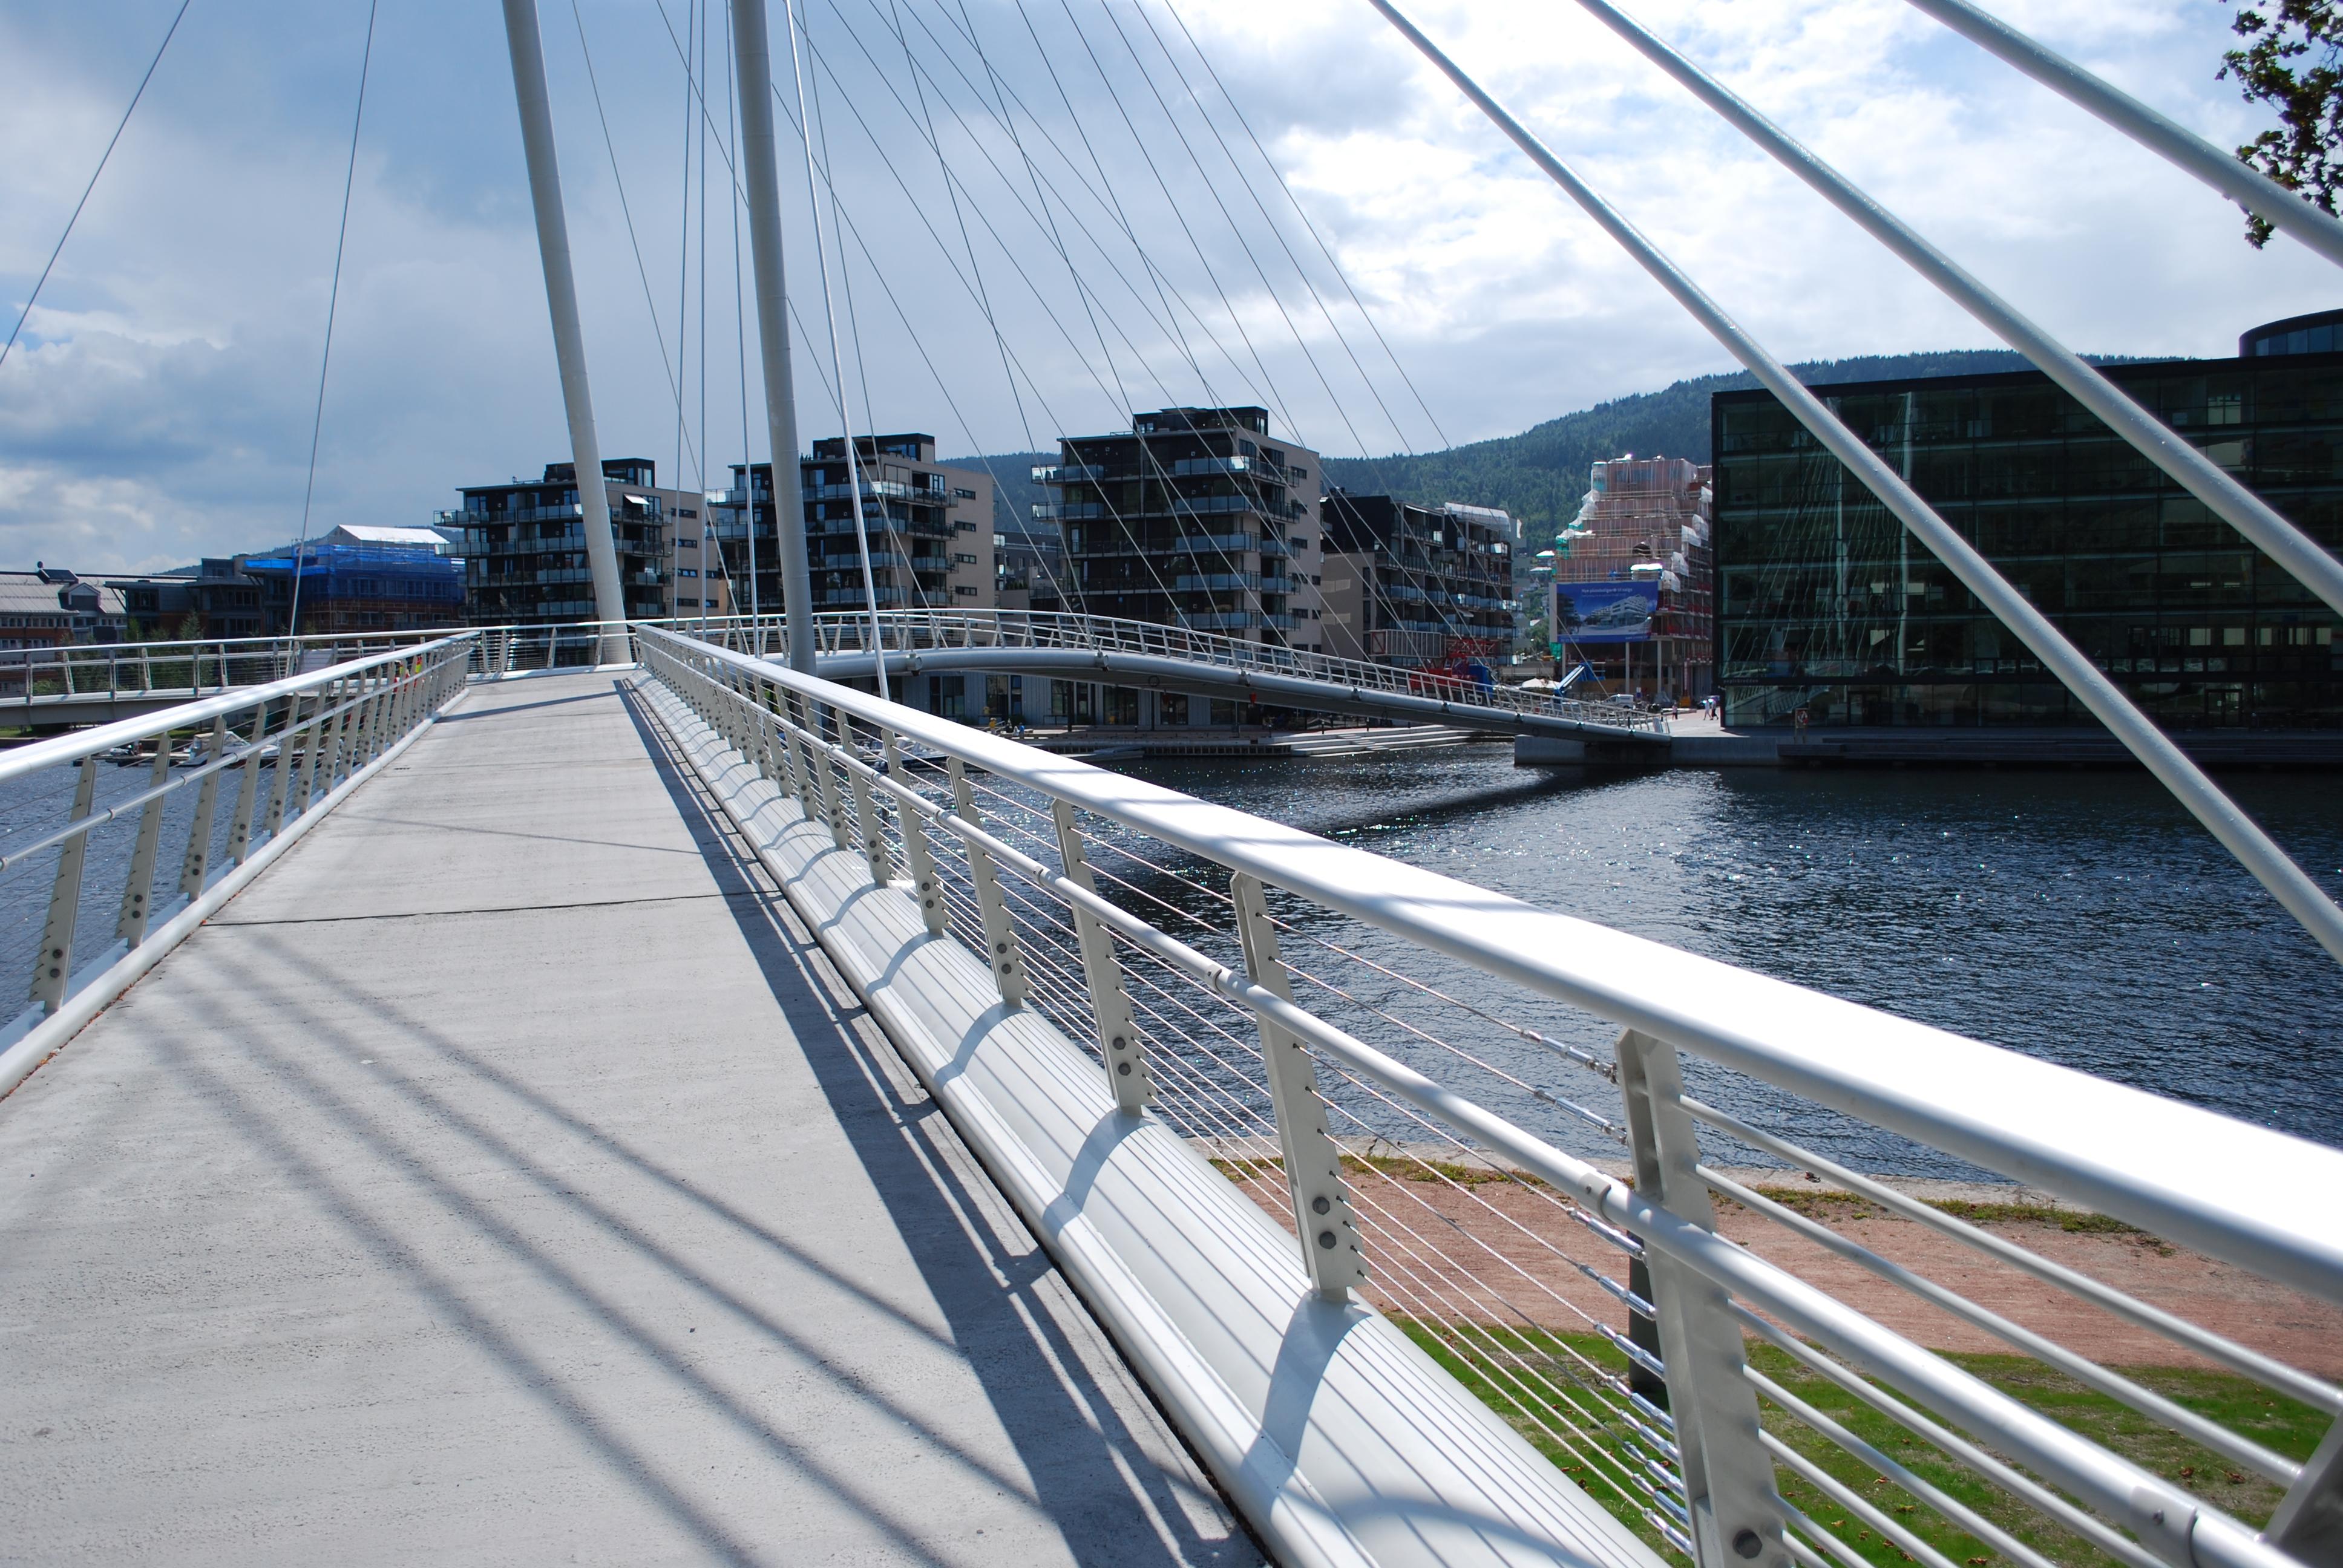 Ypsilon bridge, Norway